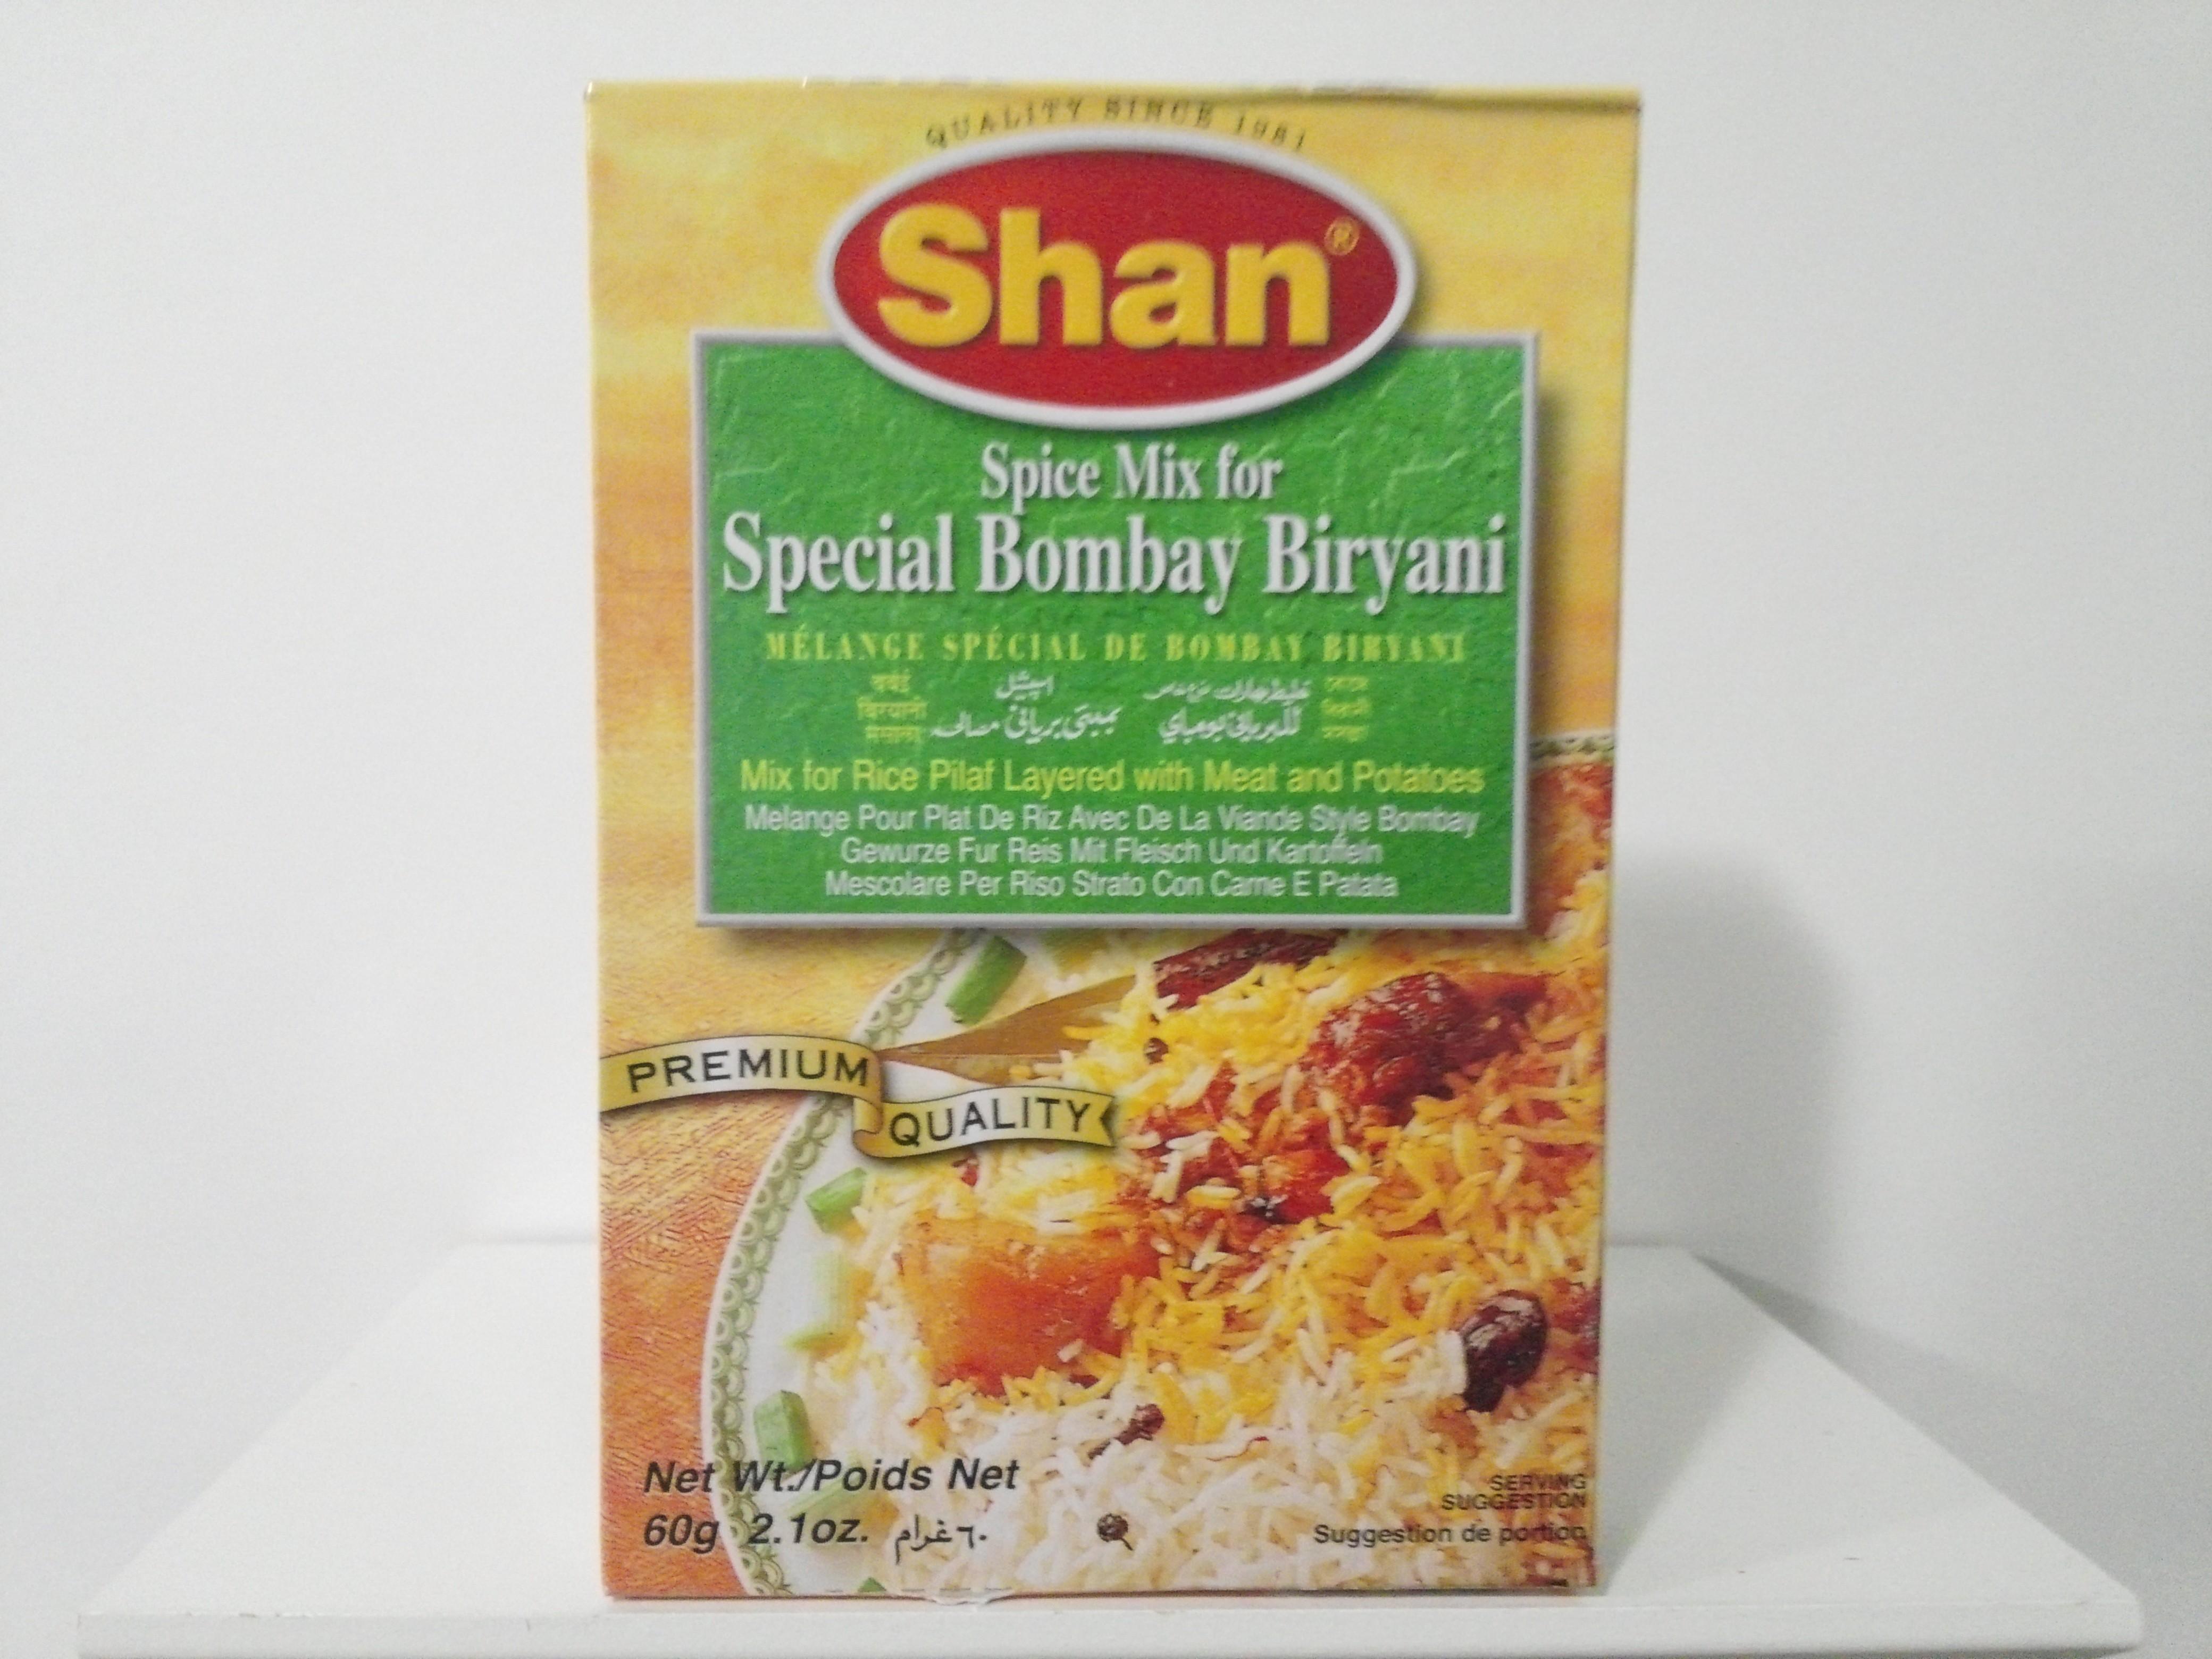 Shan Special Bombay Biryani Spice Mix 60 grm